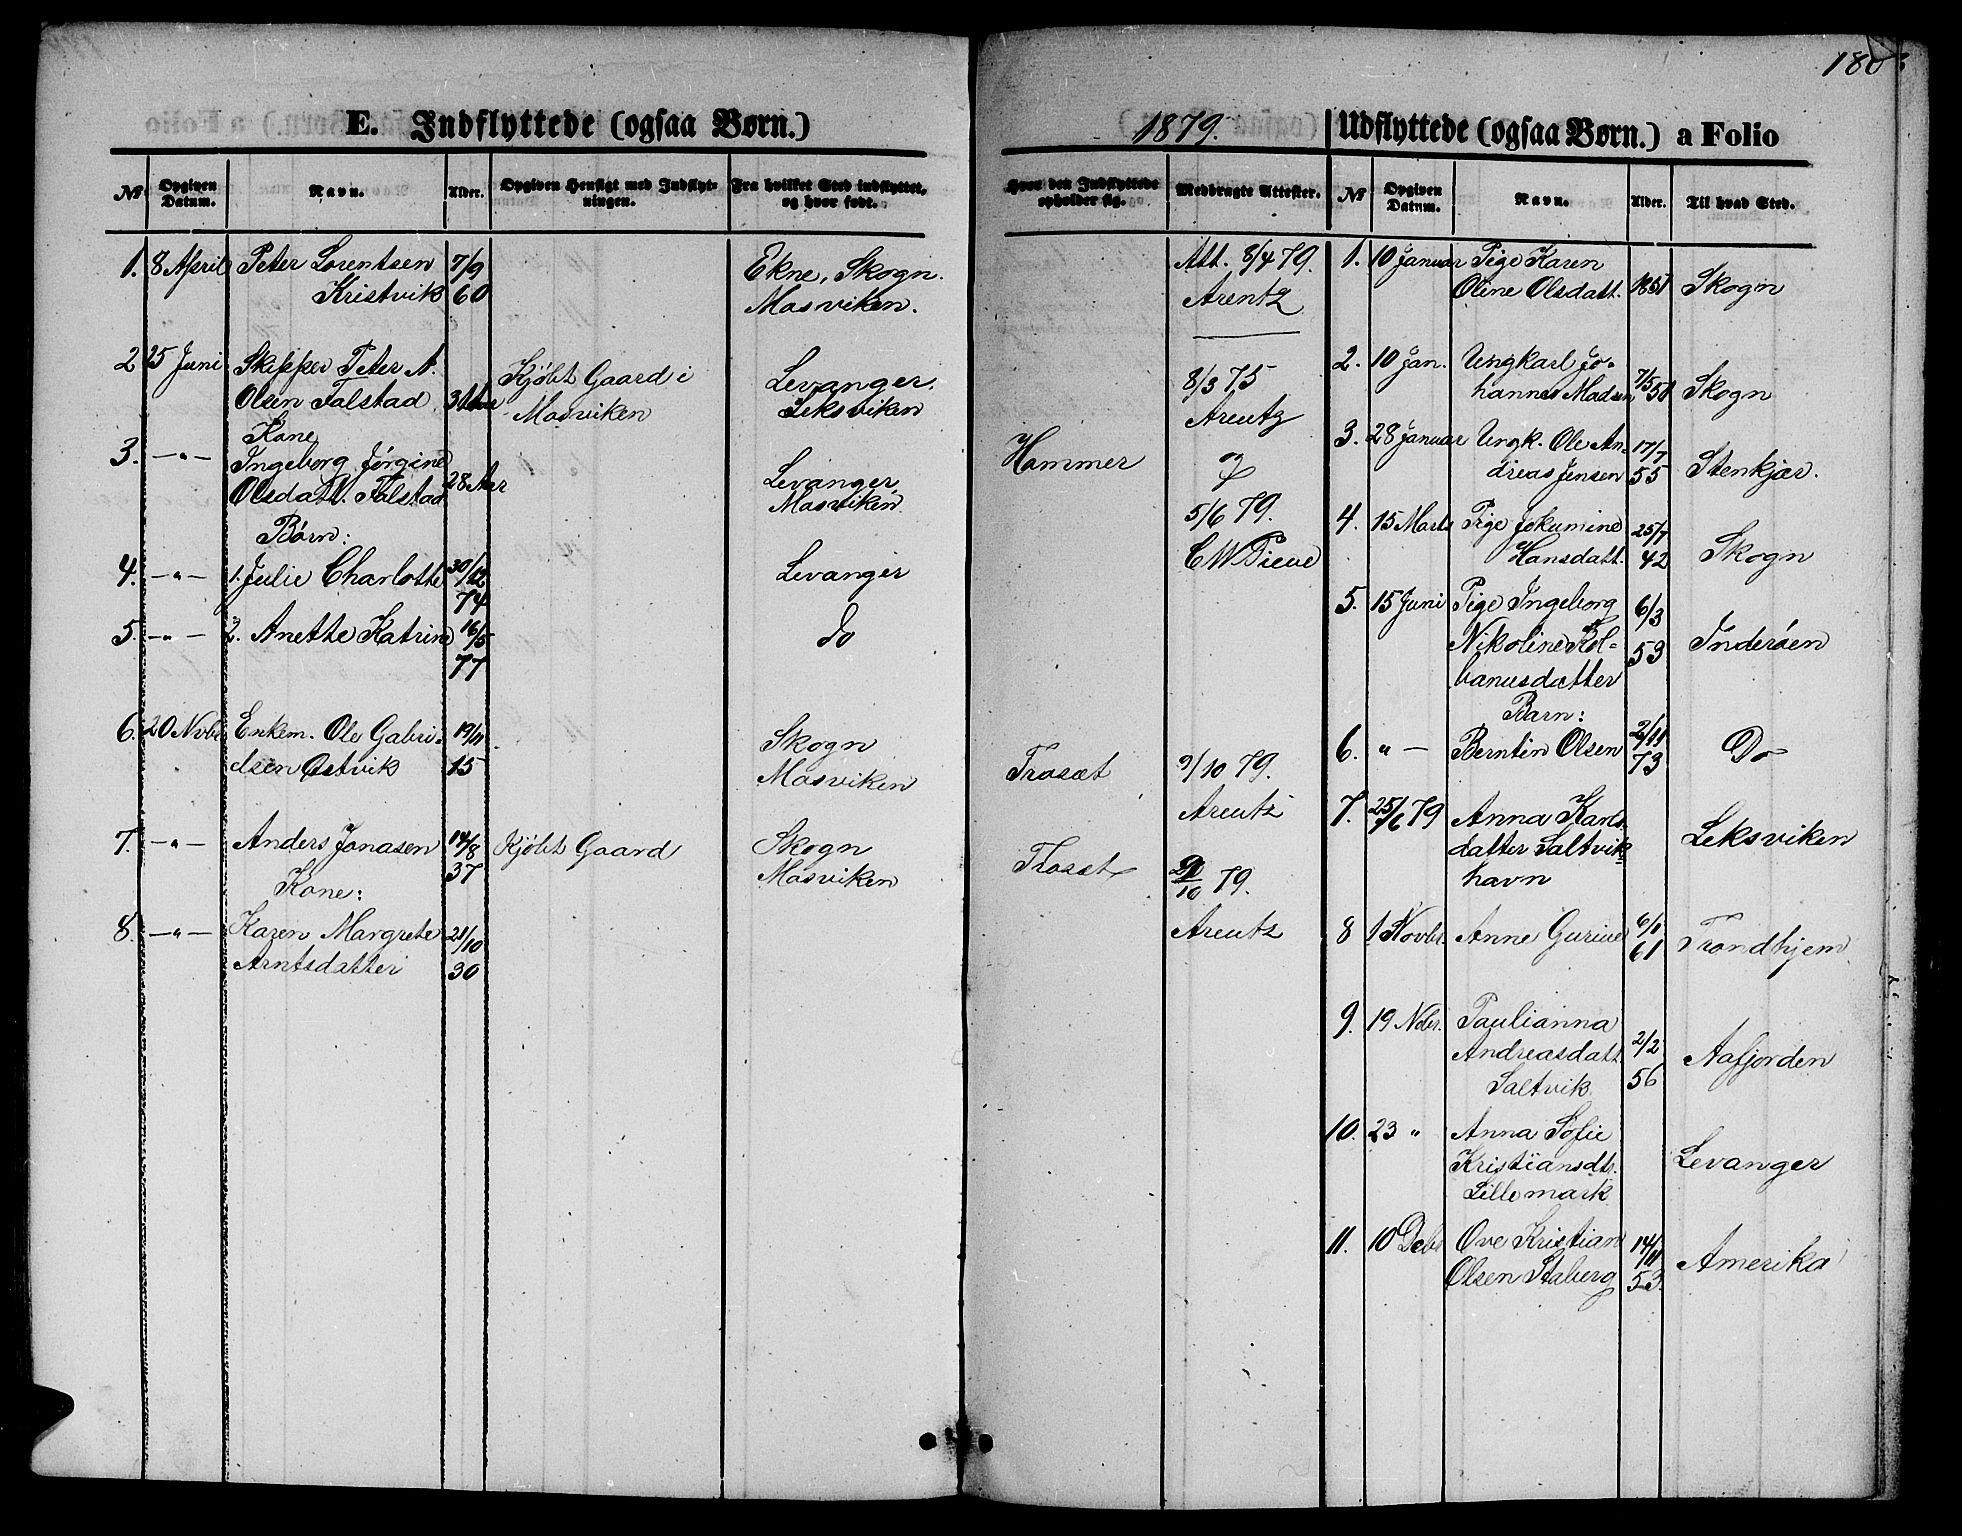 SAT, Ministerialprotokoller, klokkerbøker og fødselsregistre - Nord-Trøndelag, 733/L0326: Klokkerbok nr. 733C01, 1871-1887, s. 180